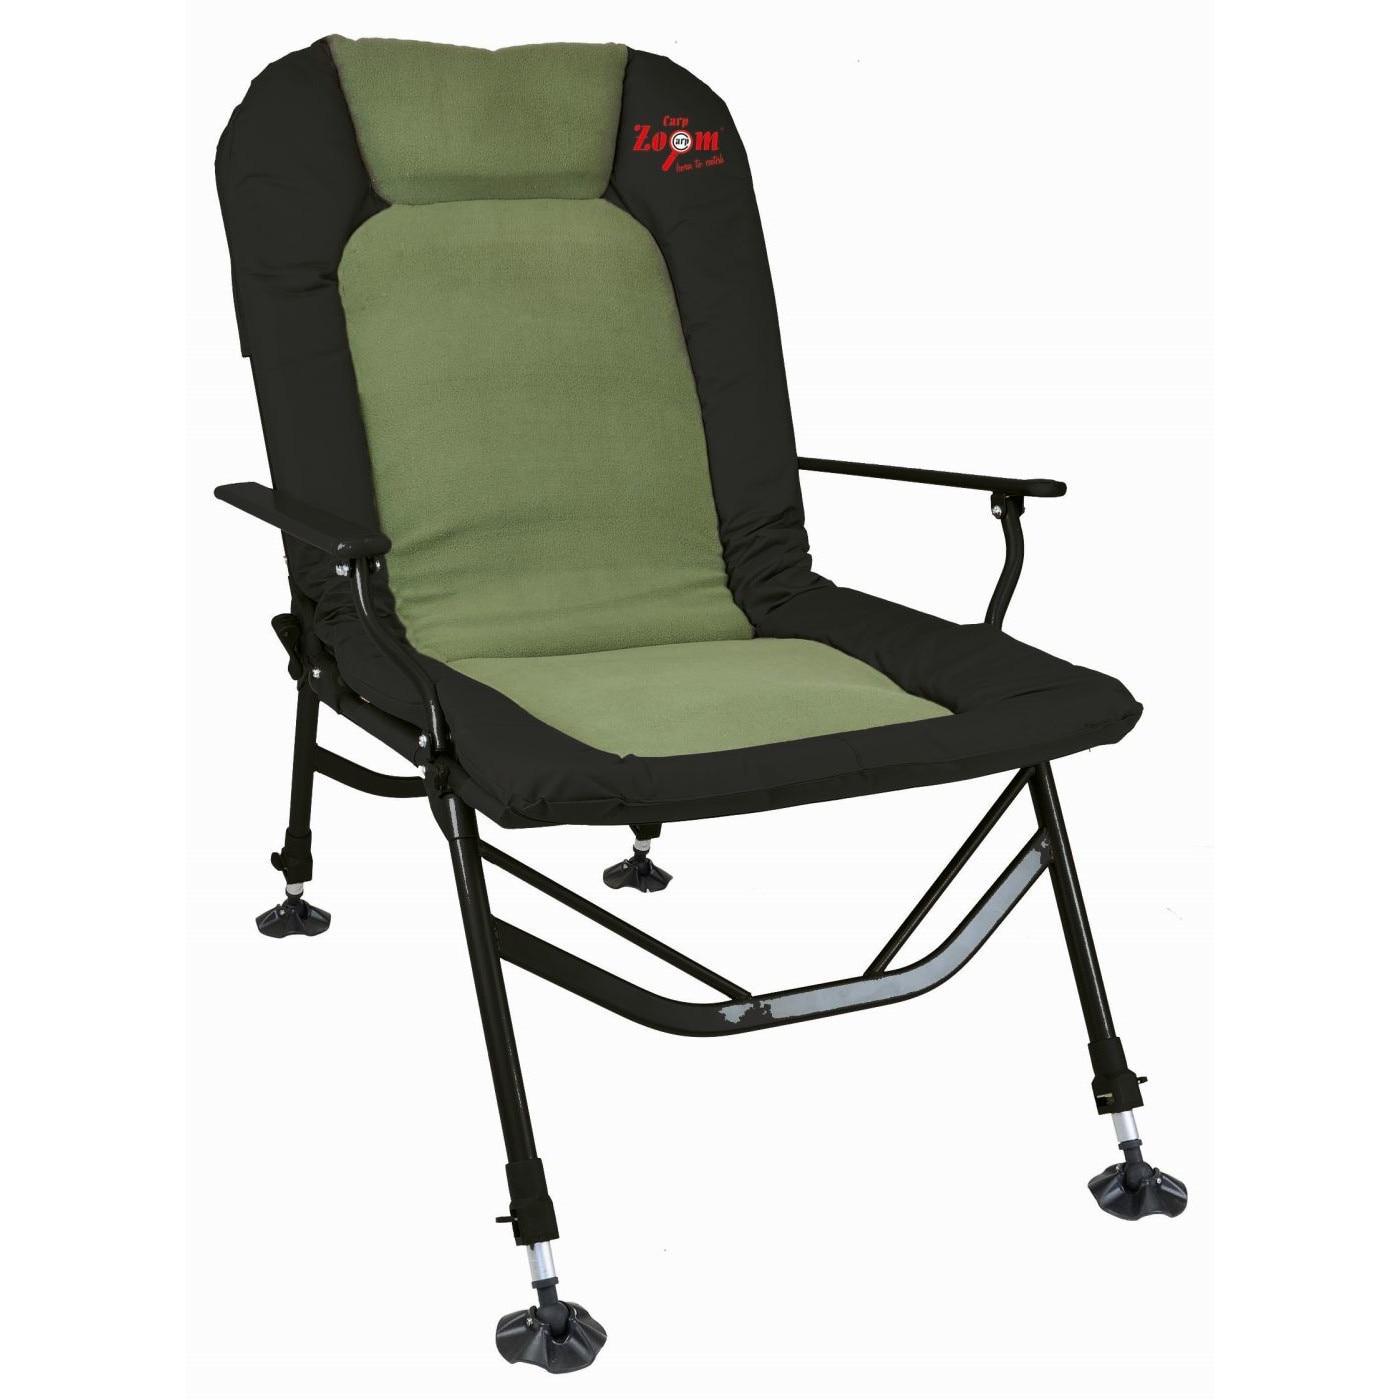 Carp Zoom 150+ Extra erős karfás horgász szék, 60x57X49110 cm max terherbírás: 165 kg